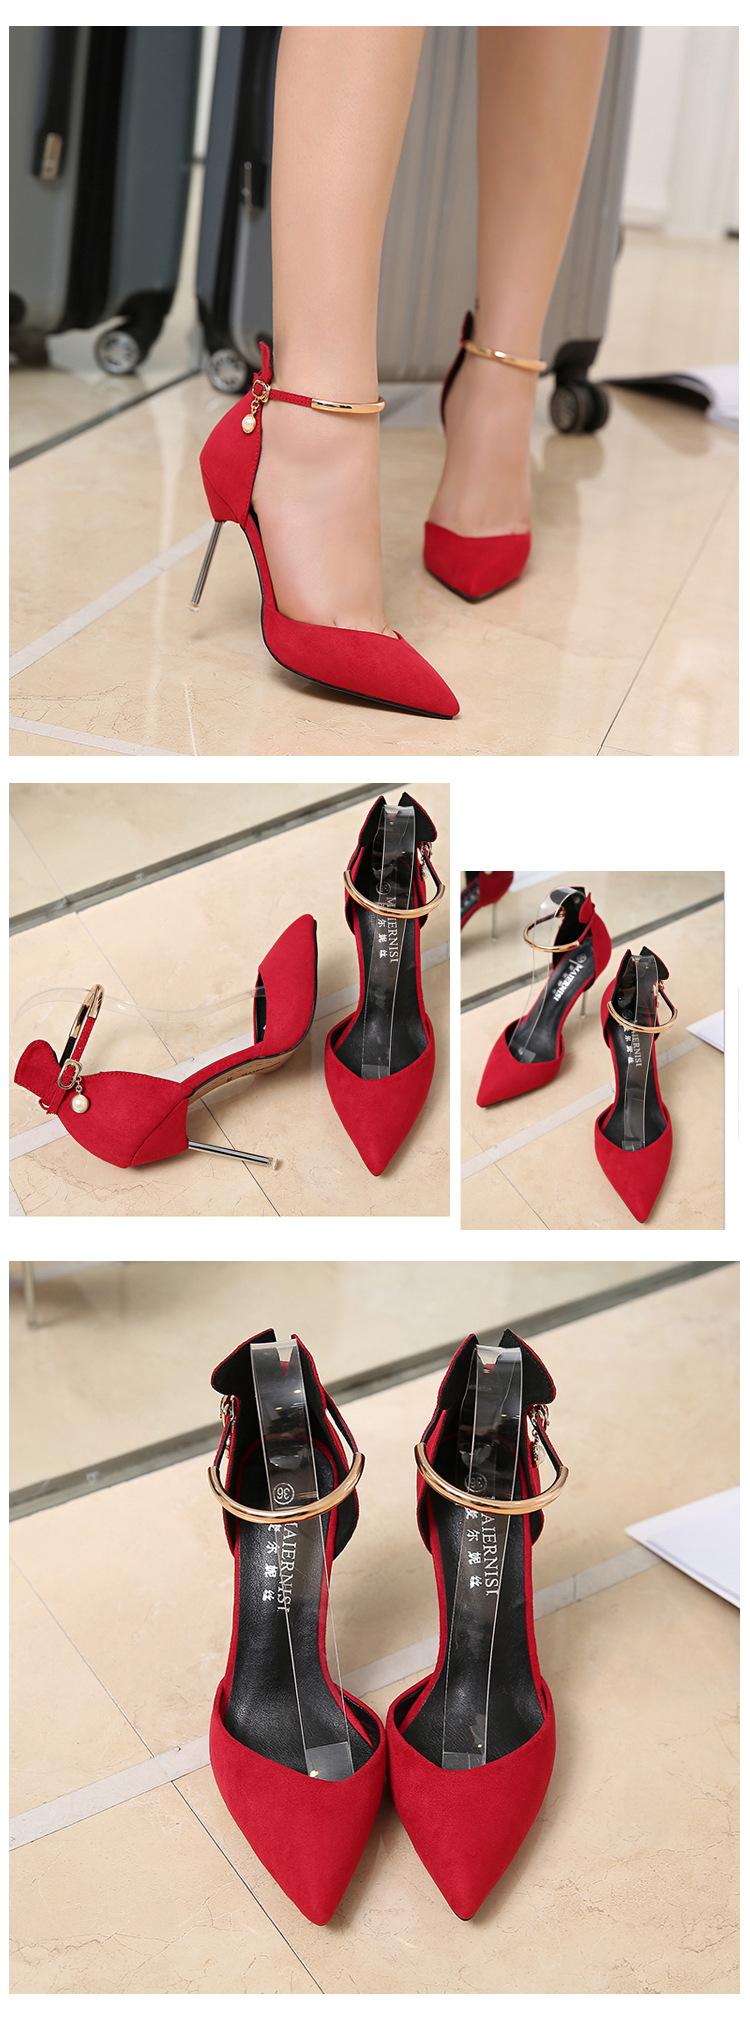 4-麦尔妮丝-3色凉鞋_11